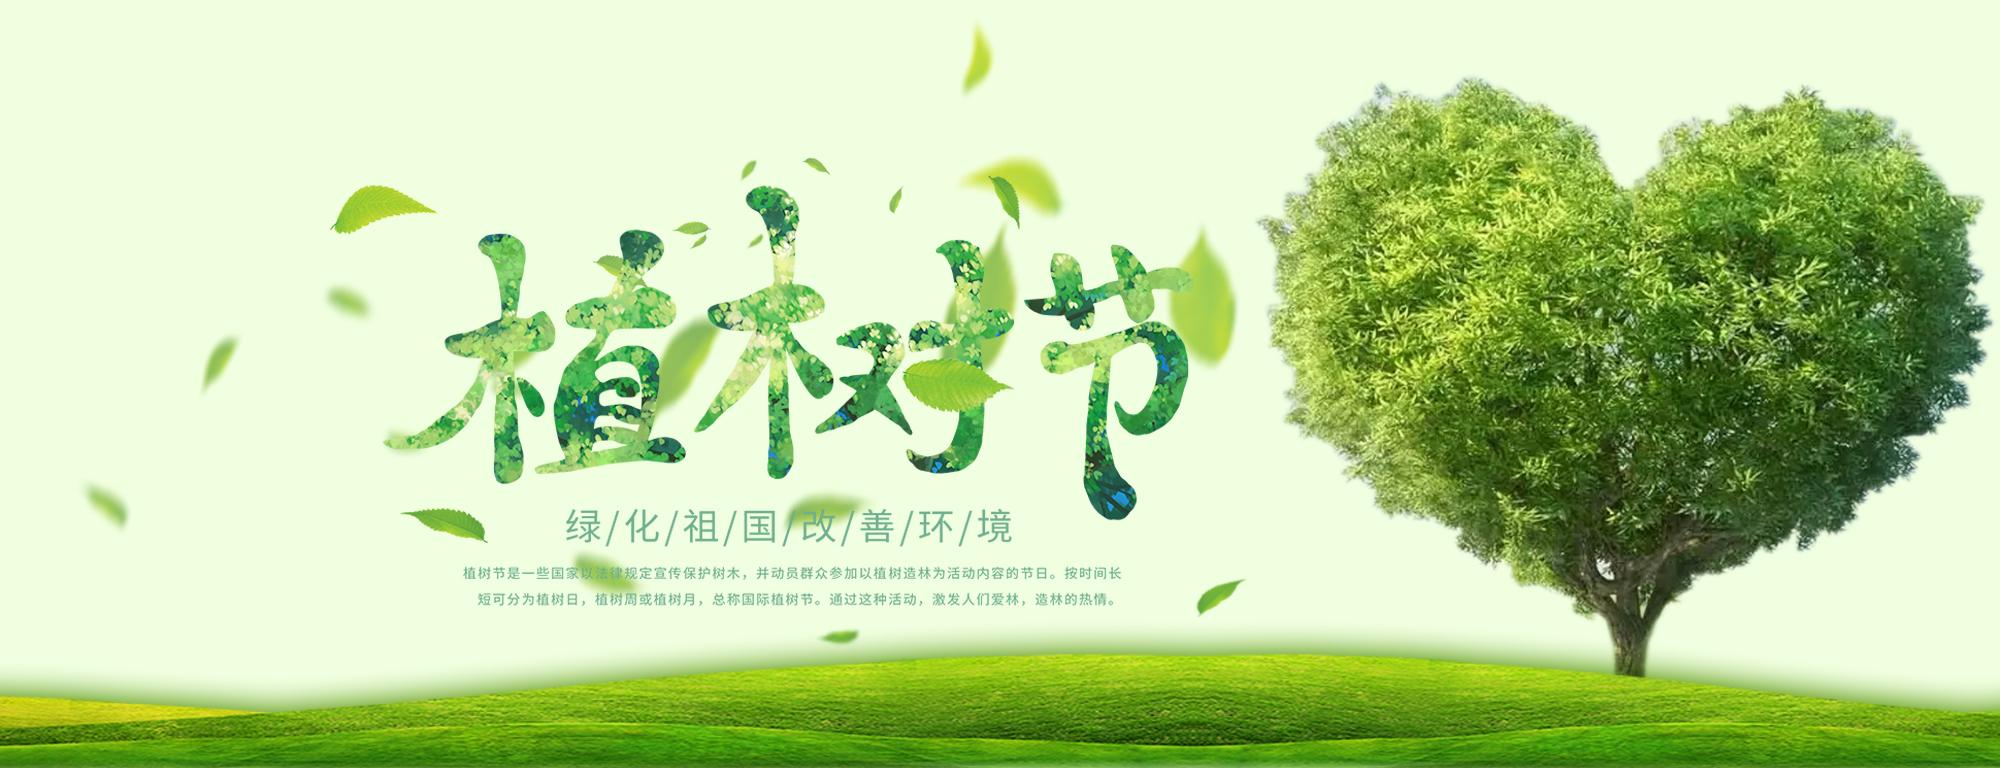 植树节丨和广东虹科企业一起,播种希望,为环保做贡献!